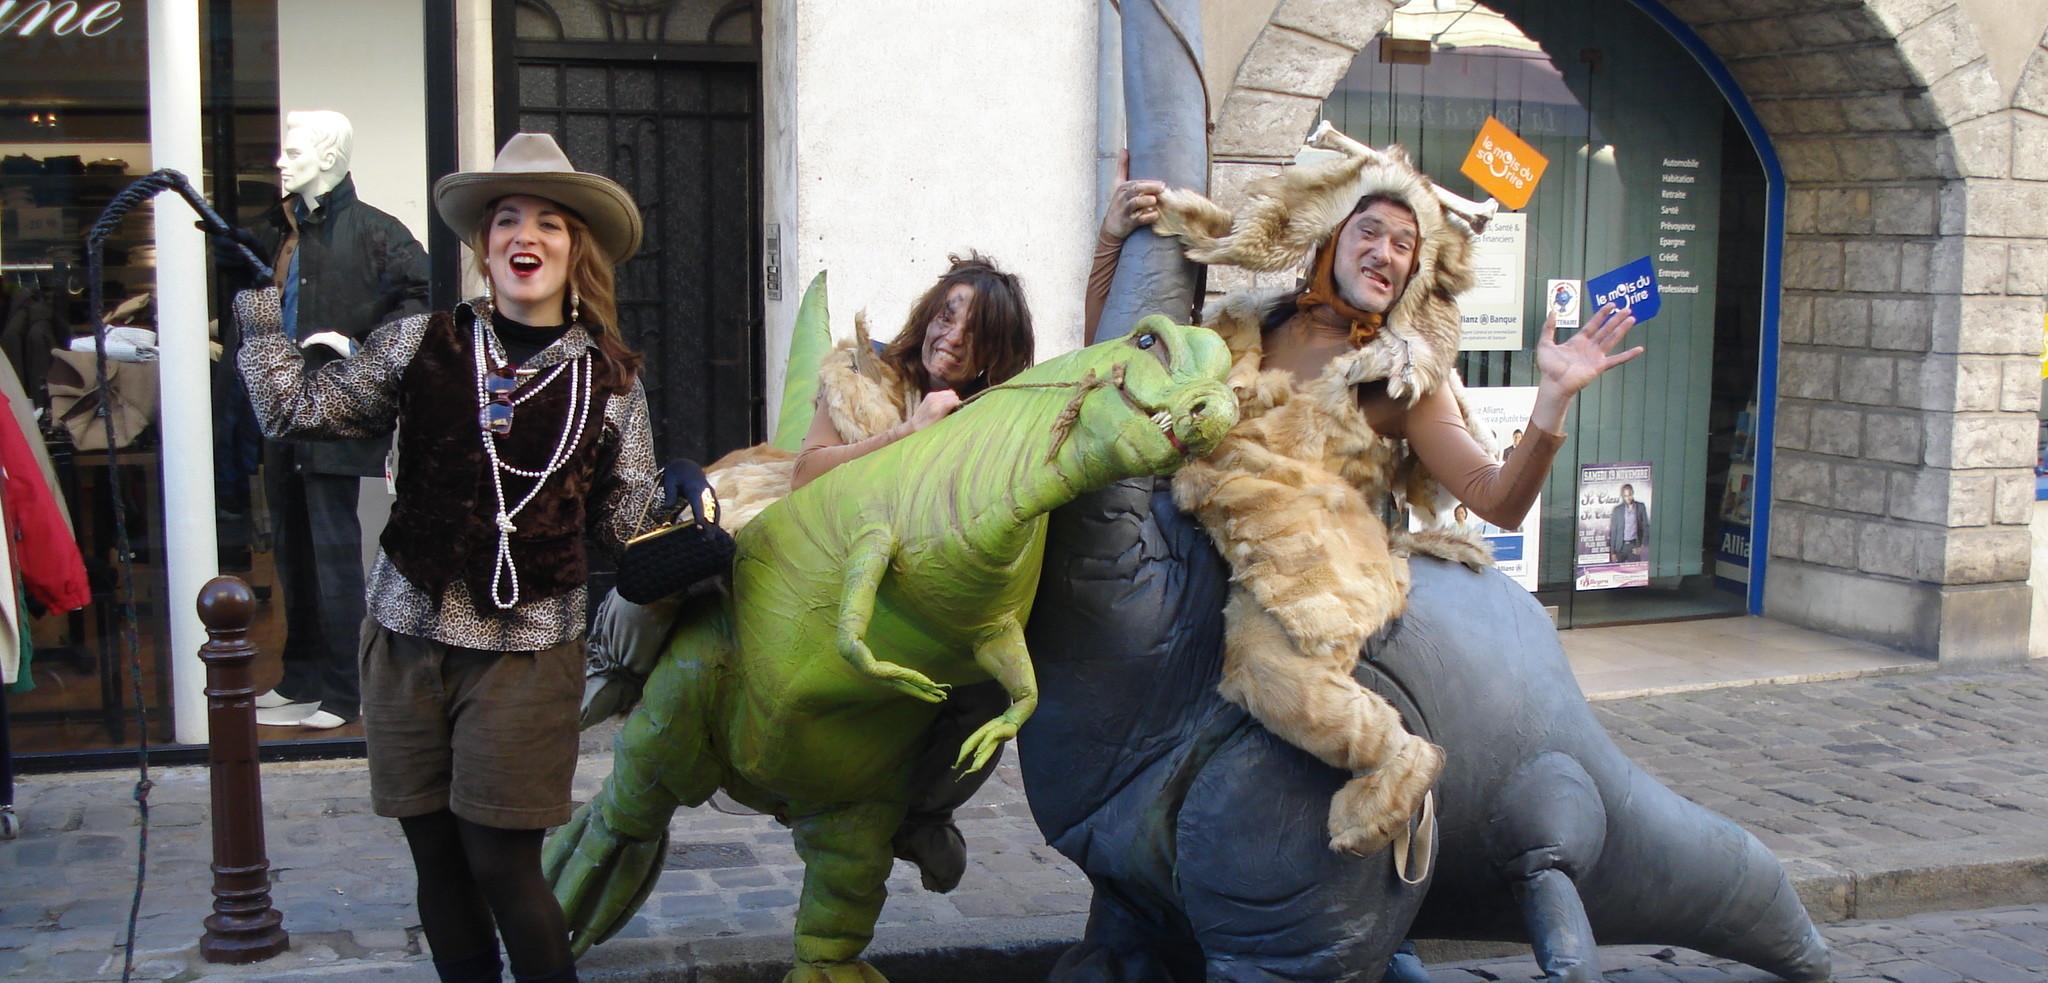 Tagadosaures Acidu spectacle rue déambulation préhistoire